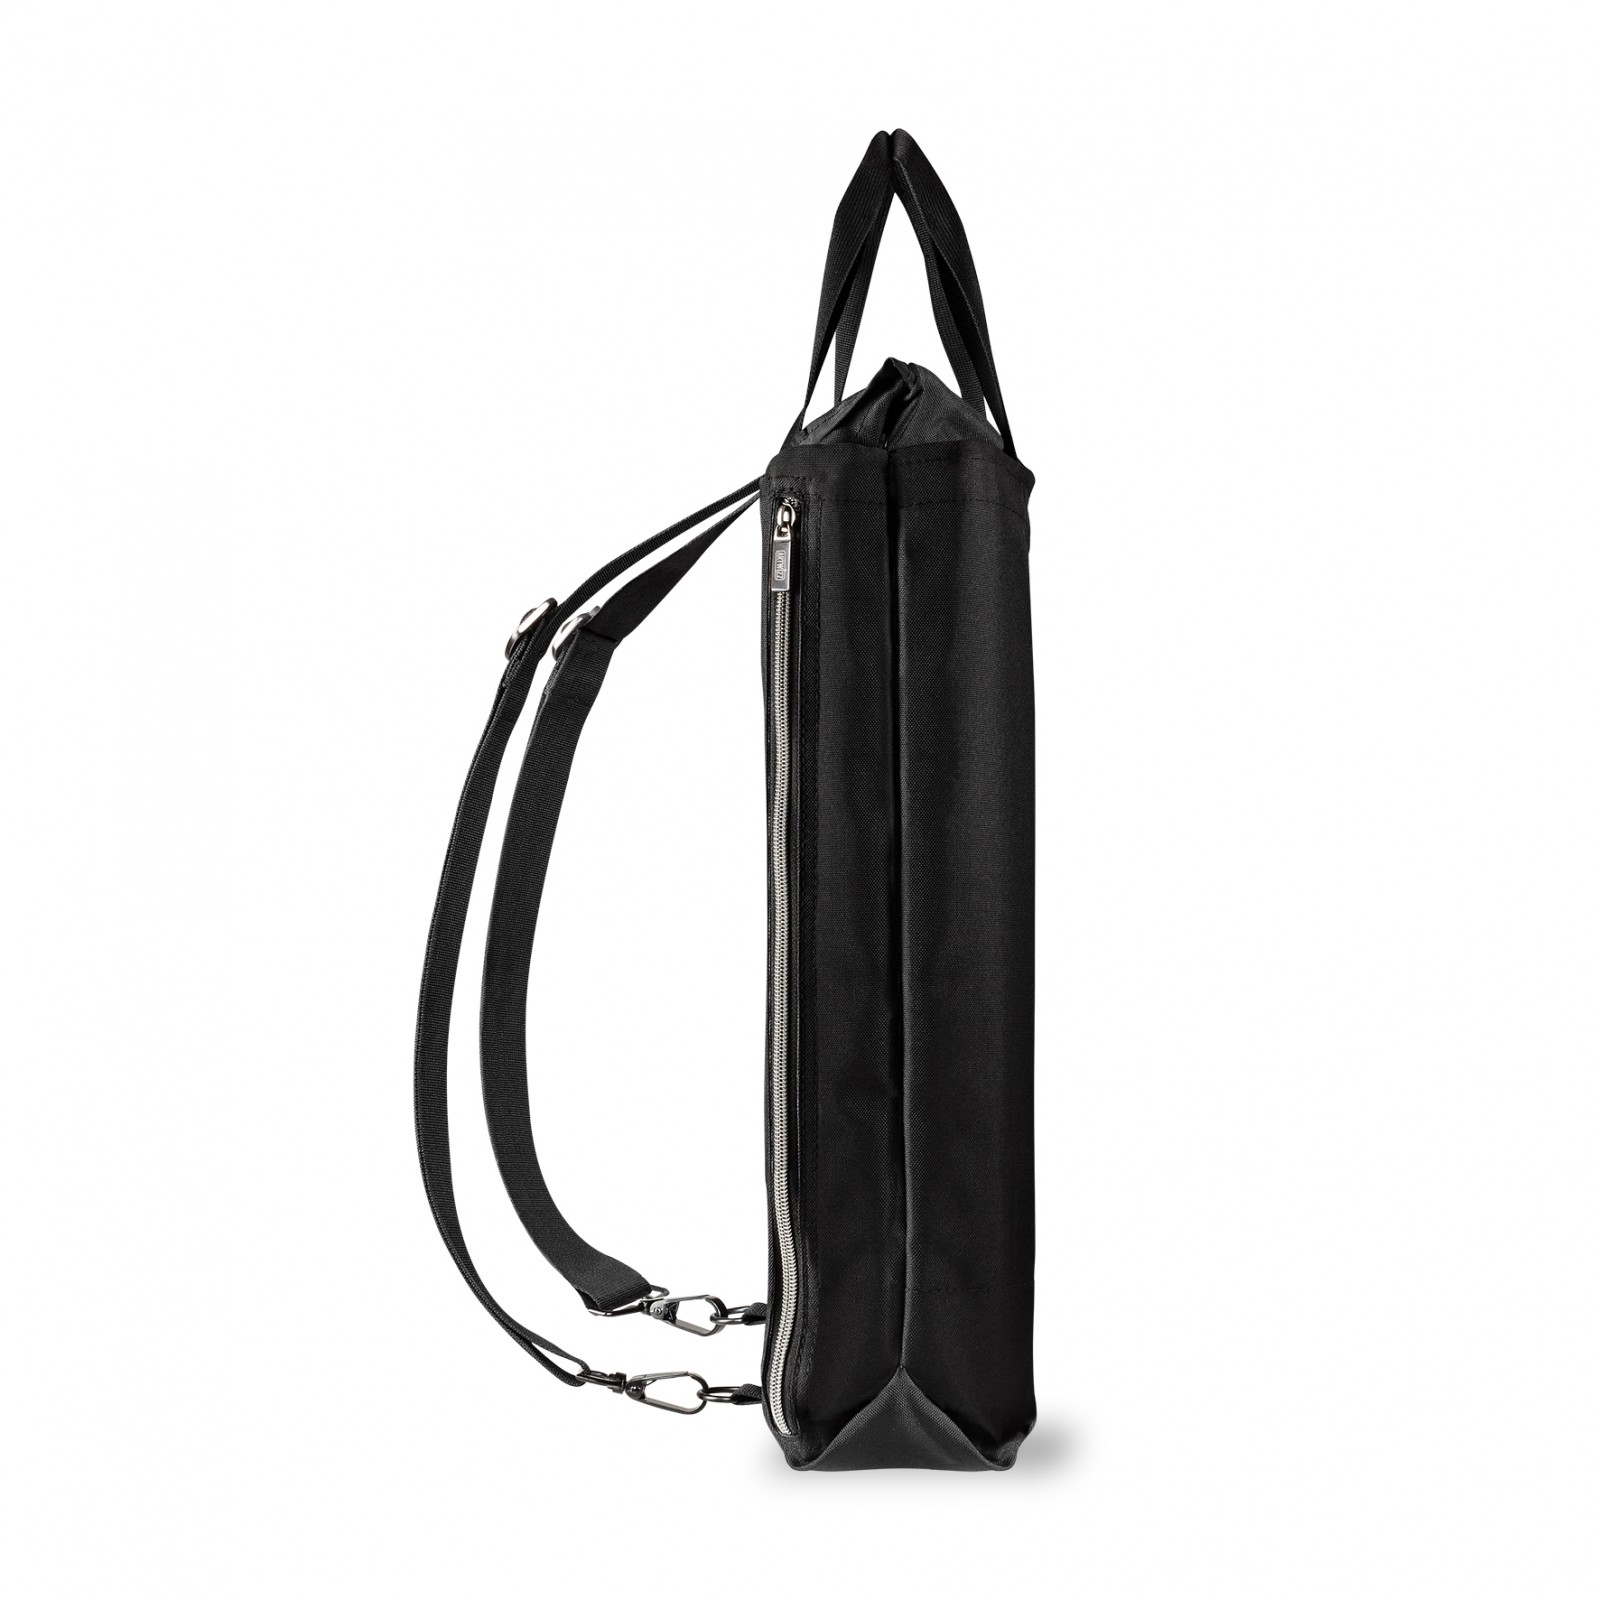 artwizz eco backpack leichter 2in1 design rucksack trage tasche 100 recyceltes pet 22 liter. Black Bedroom Furniture Sets. Home Design Ideas